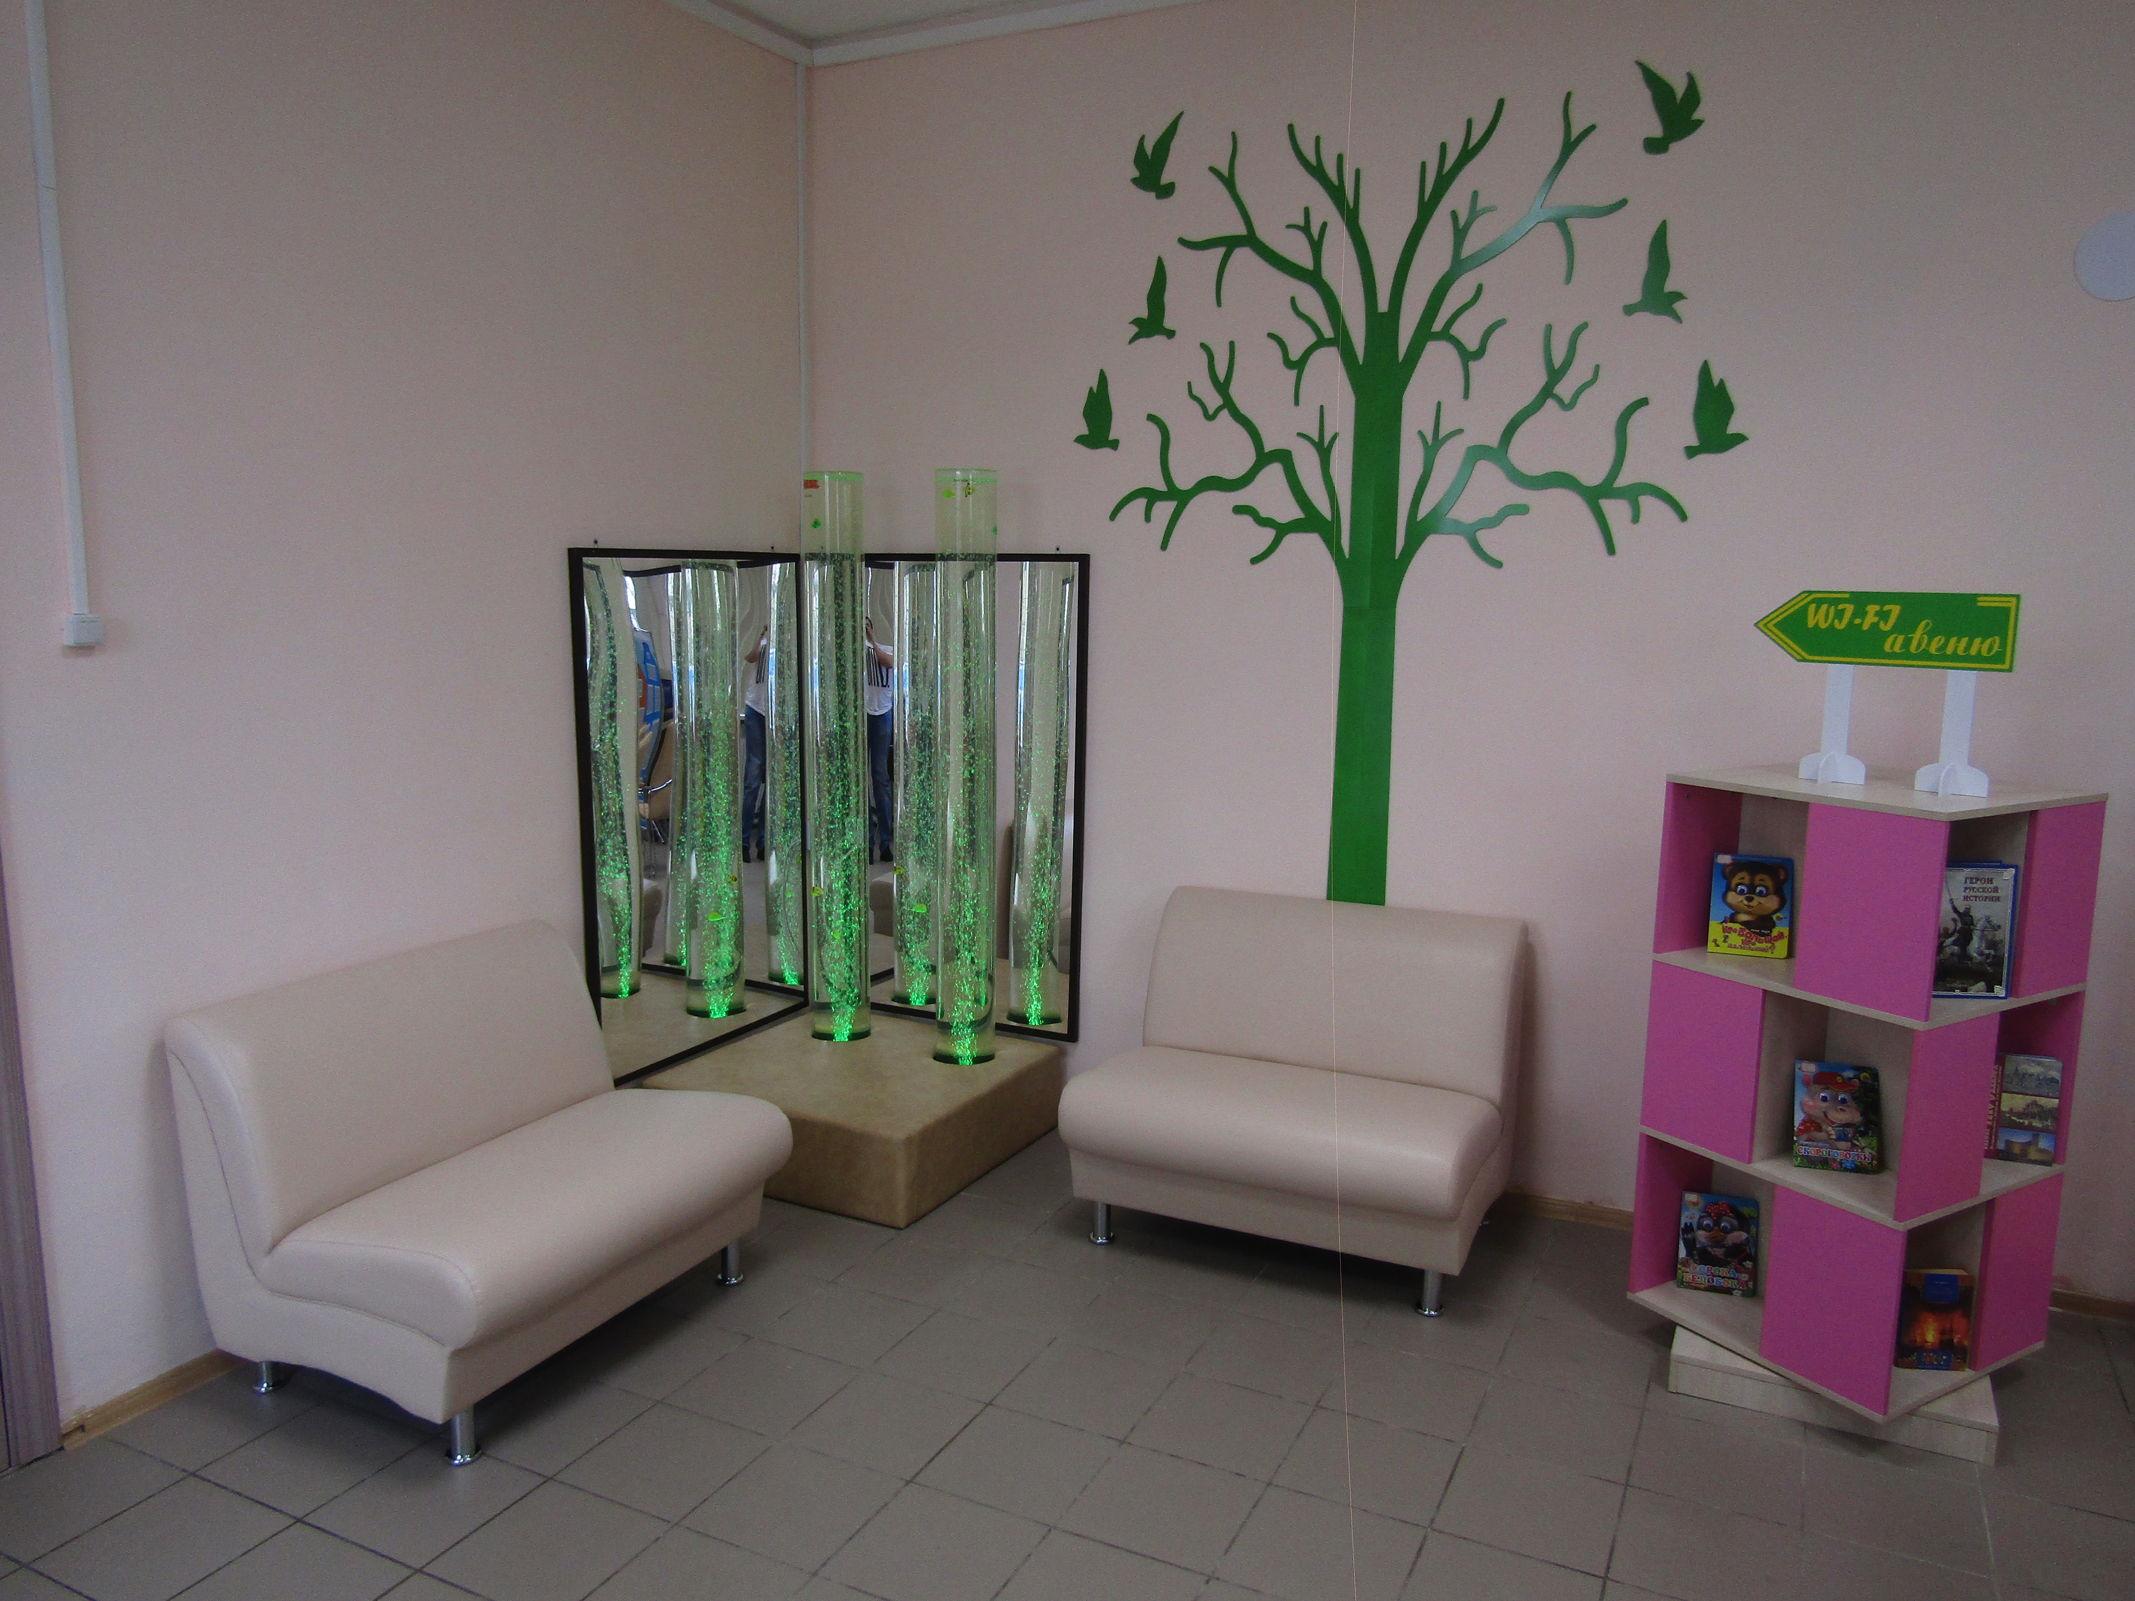 Третья модельная библиотека в рамках нацпроекта «Культура» открылась в Ярославской области